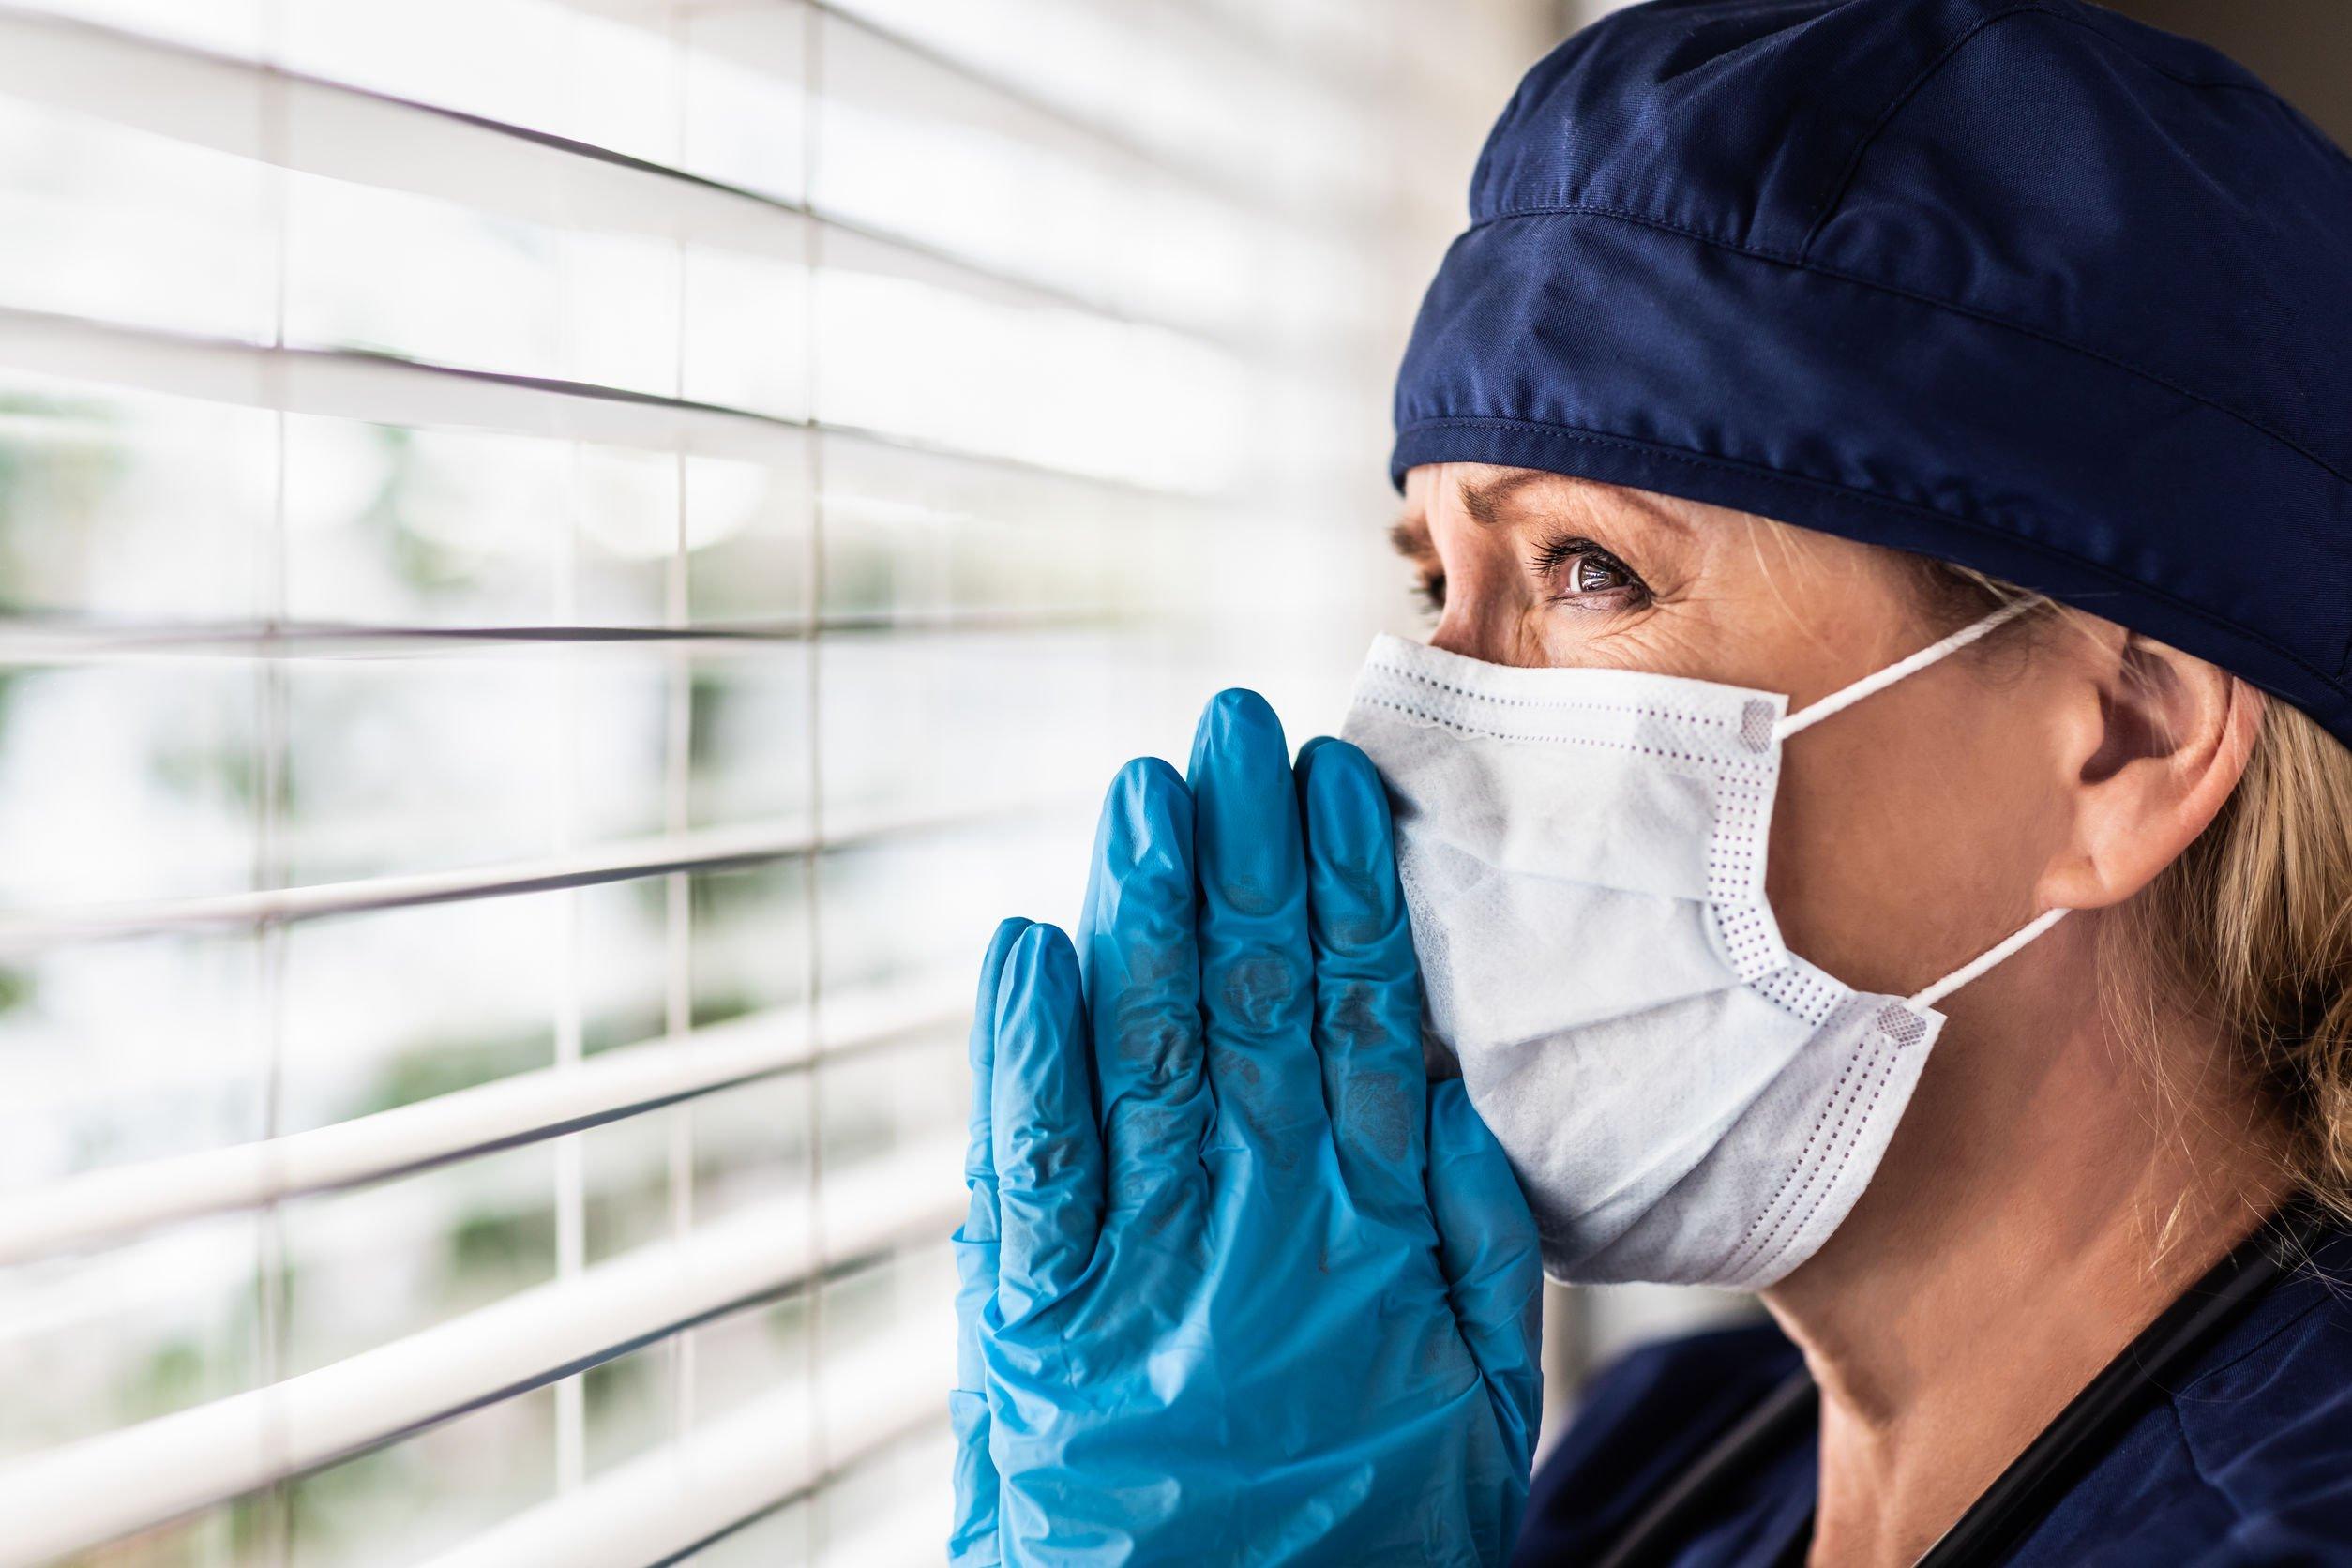 Enfermeira com os olhos cheios de lágrimas, olhando  para janela, com as mãos unidas em sinal de oração